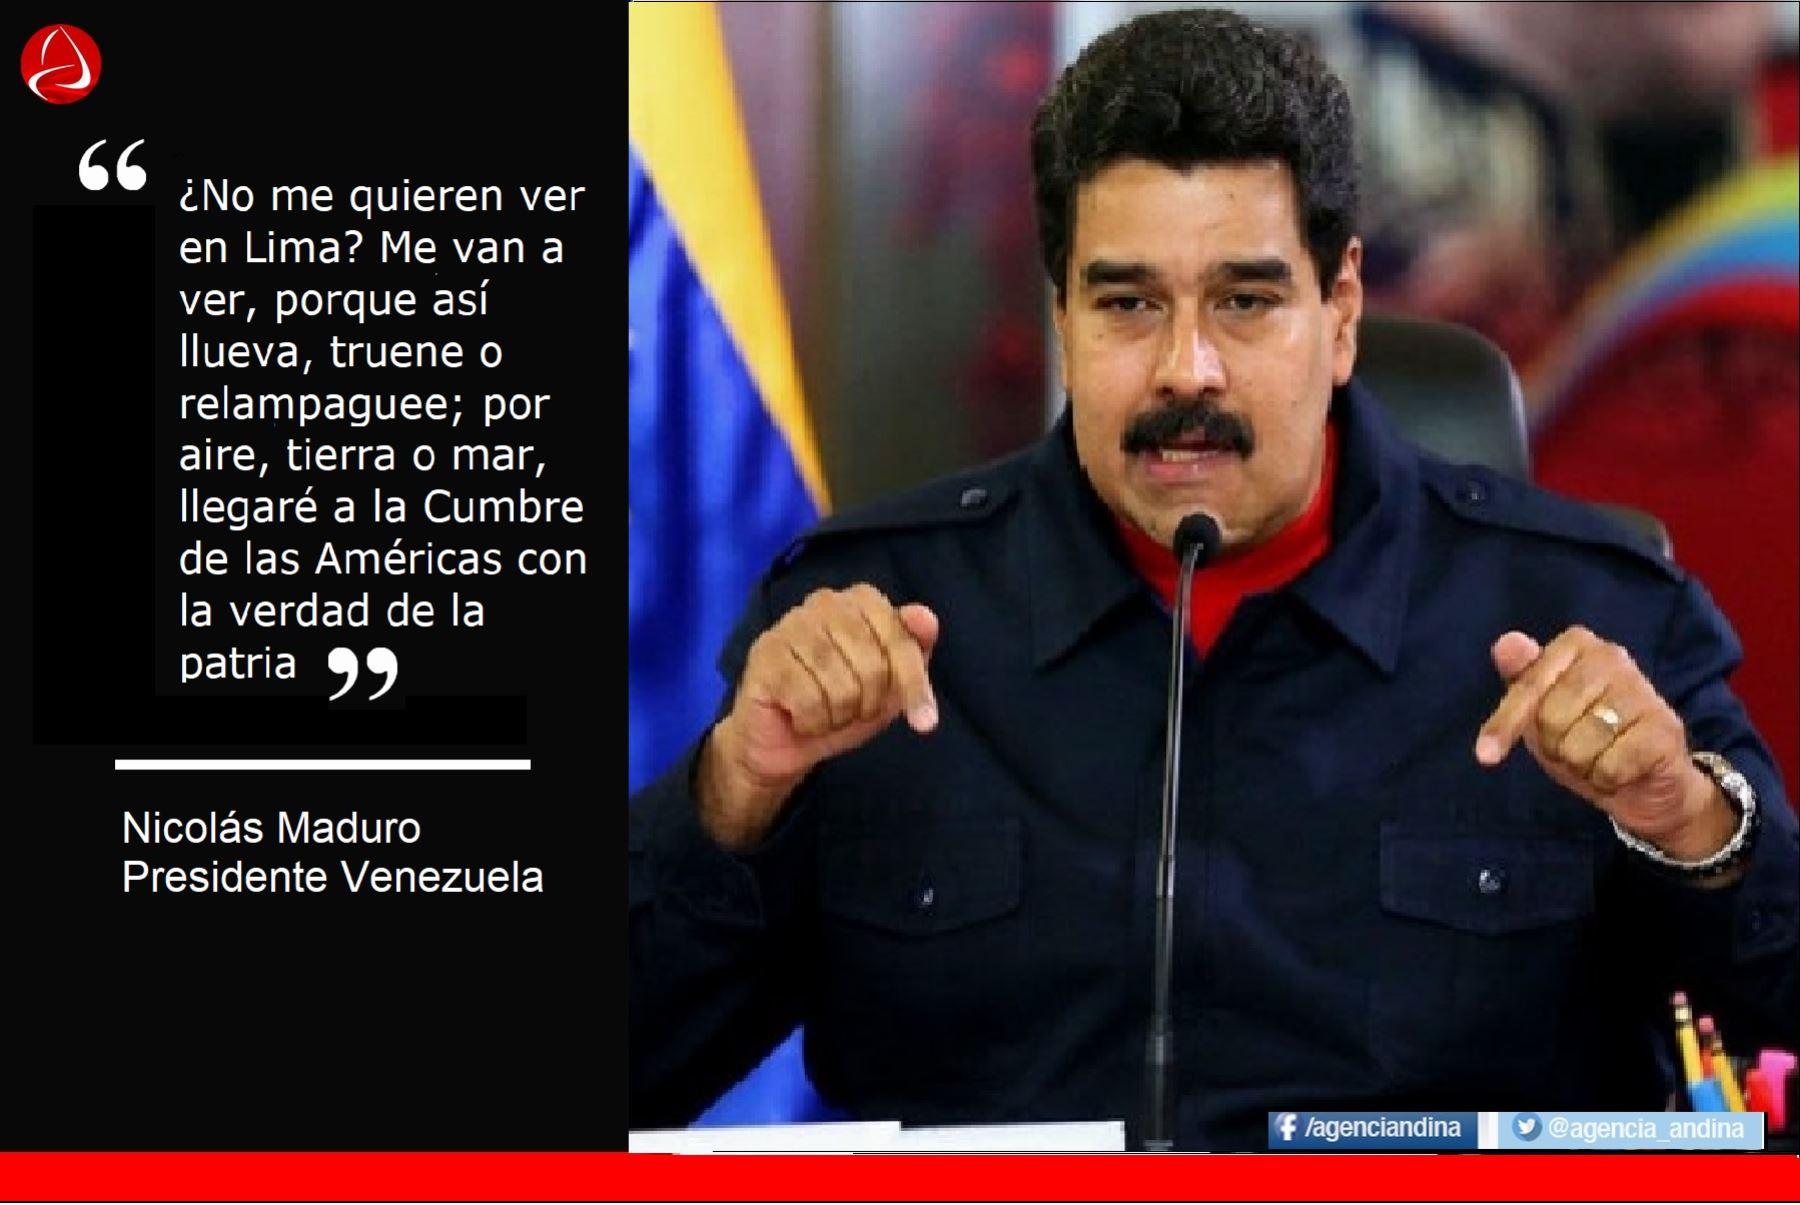 Nicolás Maduro Las Frases Más Polémicas Contra Los